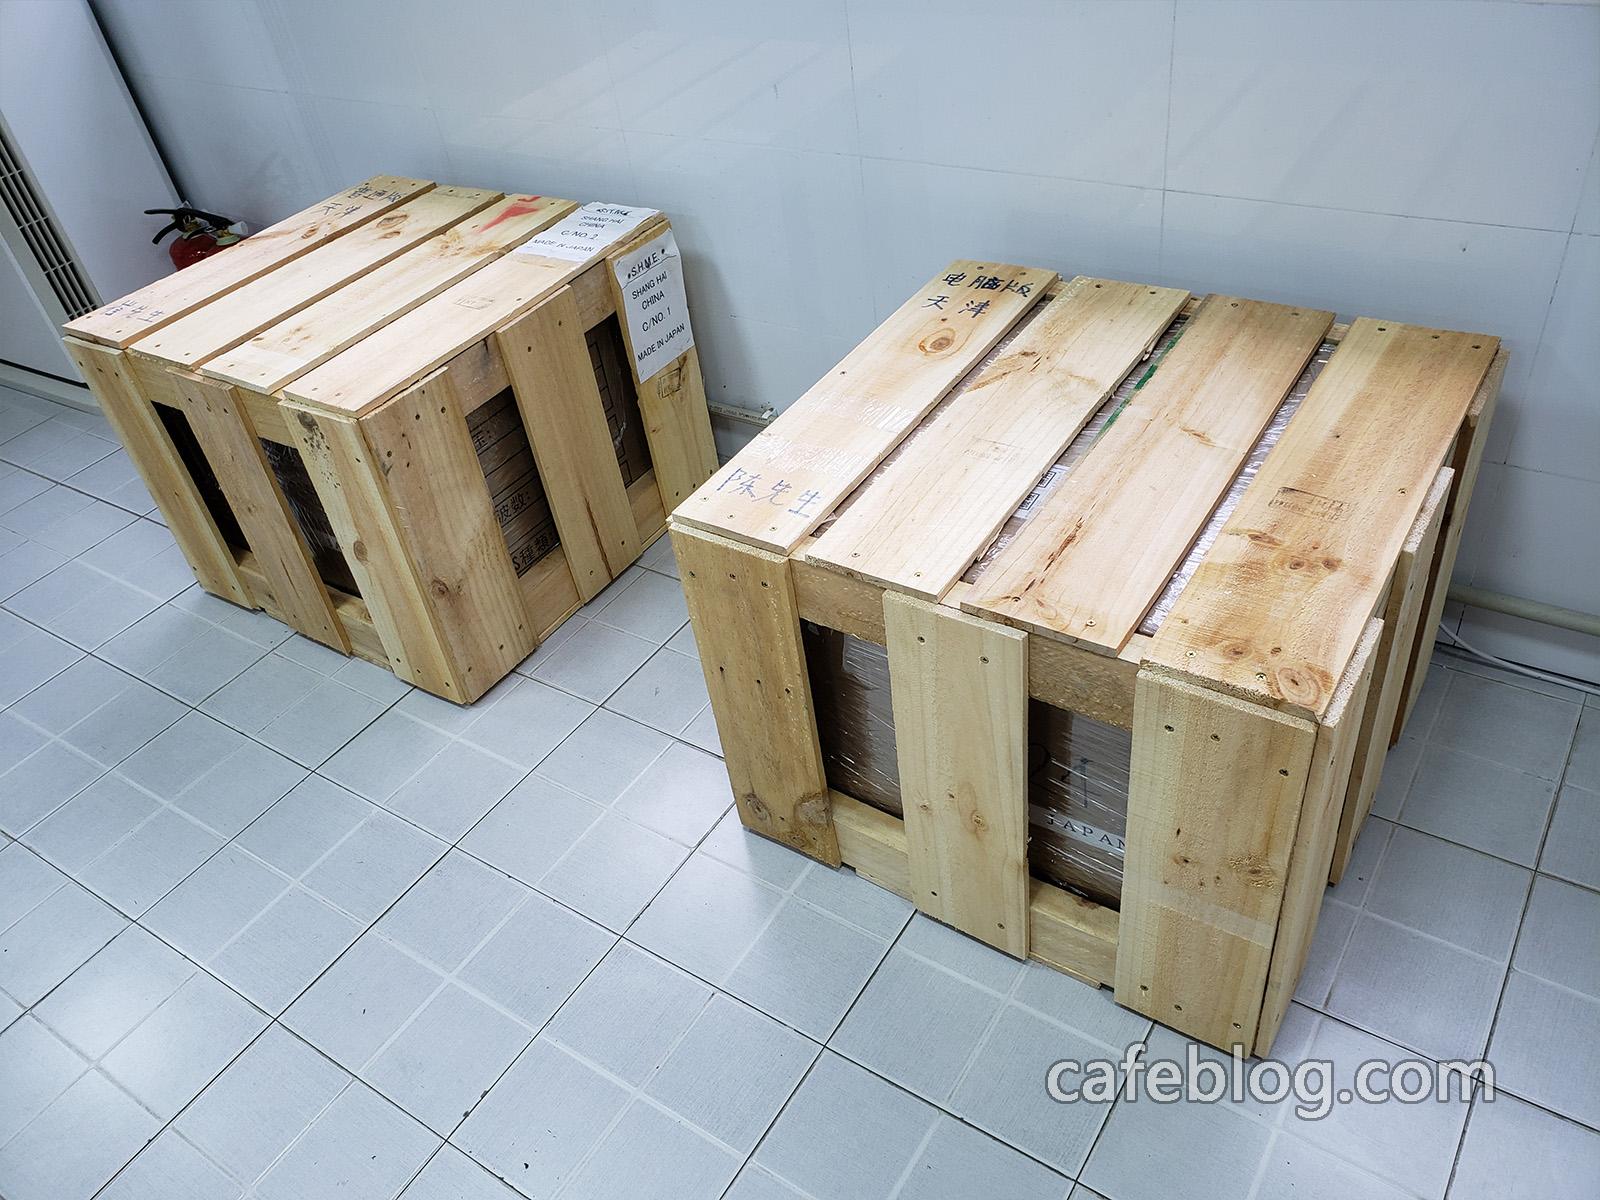 给客户的DISCOVERY咖啡烘焙机做了木箱了。